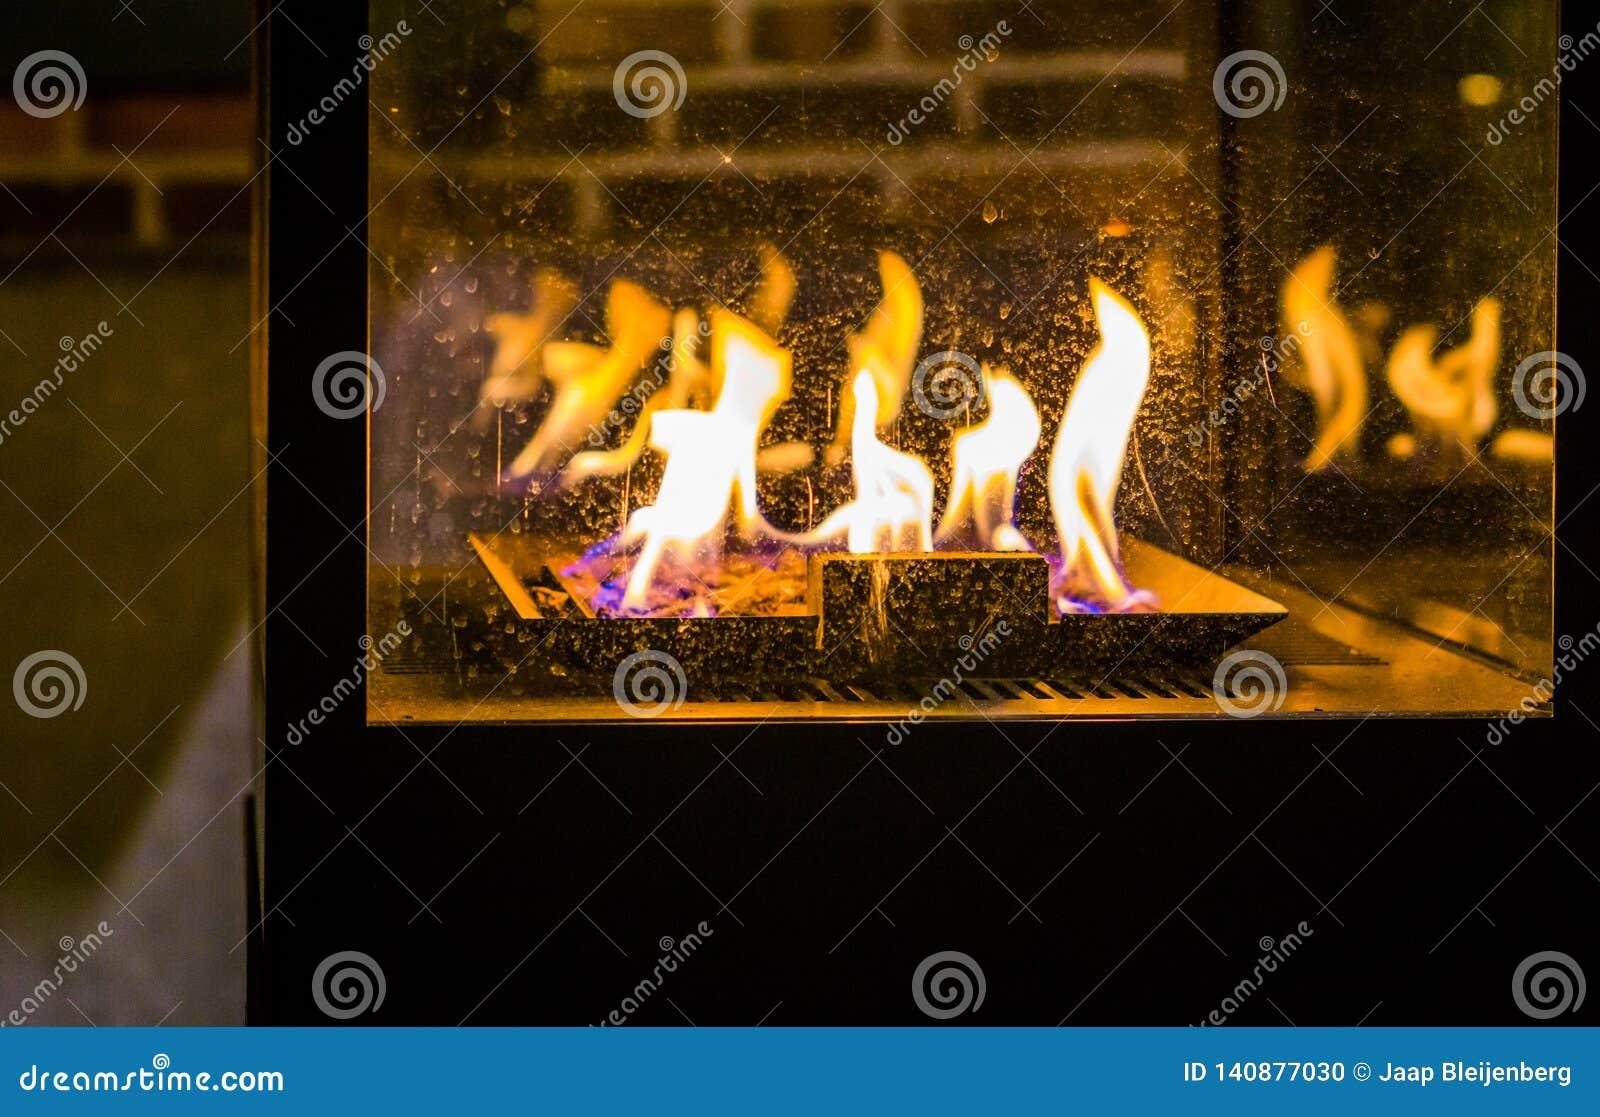 Urze exterior com carvões ardentes e as grandes chamas, estação do inverno, equipamento velho do vintage